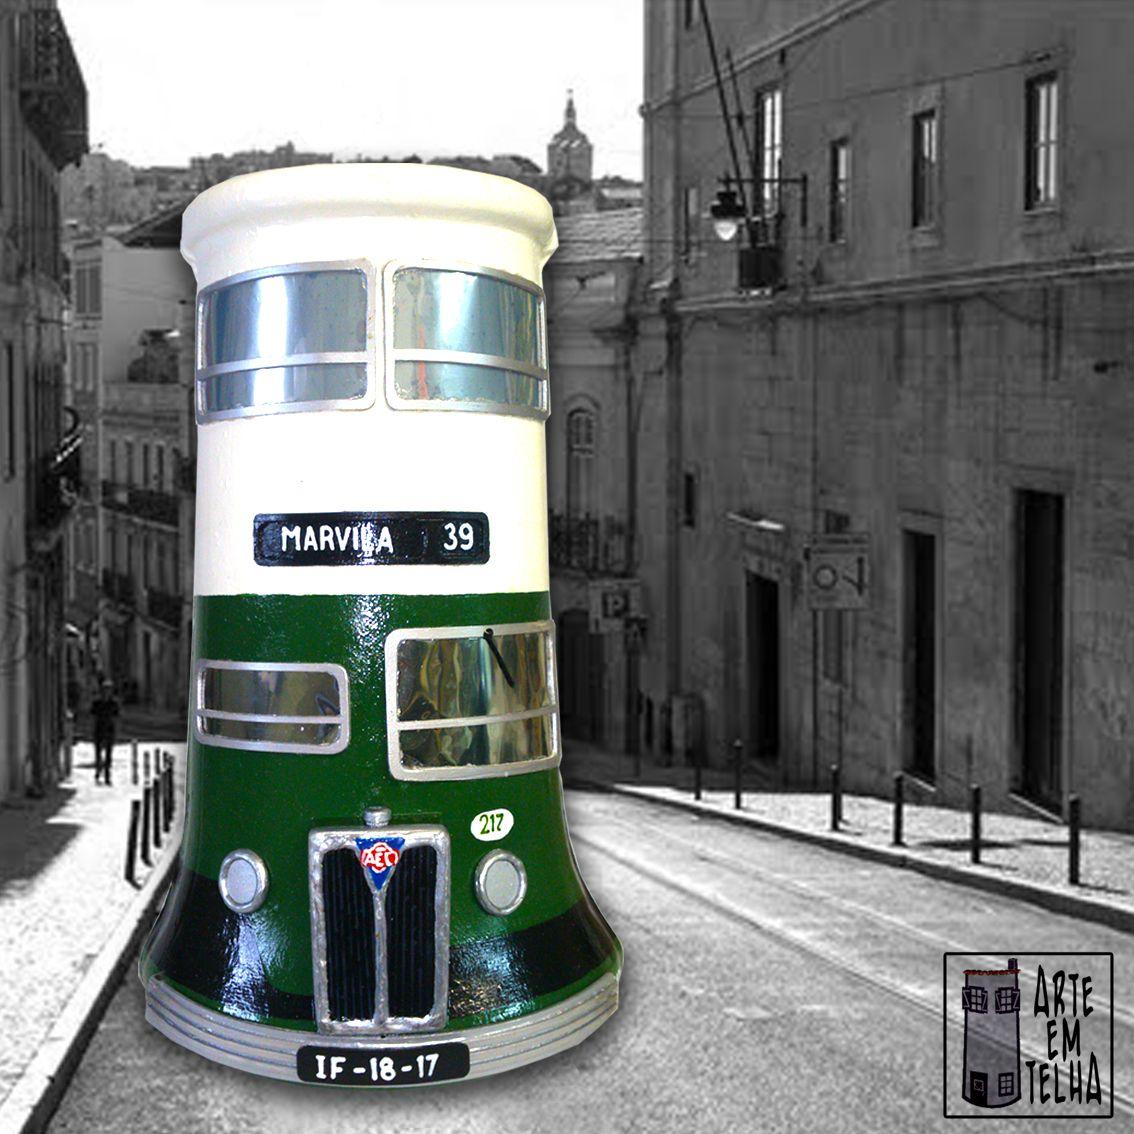 Fazer o que lhe dá na TELHA. Este podia ser o lema da ARTE EM TELHA de Fernando Castro Este extraordinário Artesão, recria o que de mais simbólico e tradicional temos em Portugal com um detalhe impressionante. Aproveitando telhas, podemos ver réplicas de monumentos históricos, edifícios típicos, os velhinhos autocarros e eléctricos de Lisboa e tudo o mais que possa estar ao alcance da imaginação.